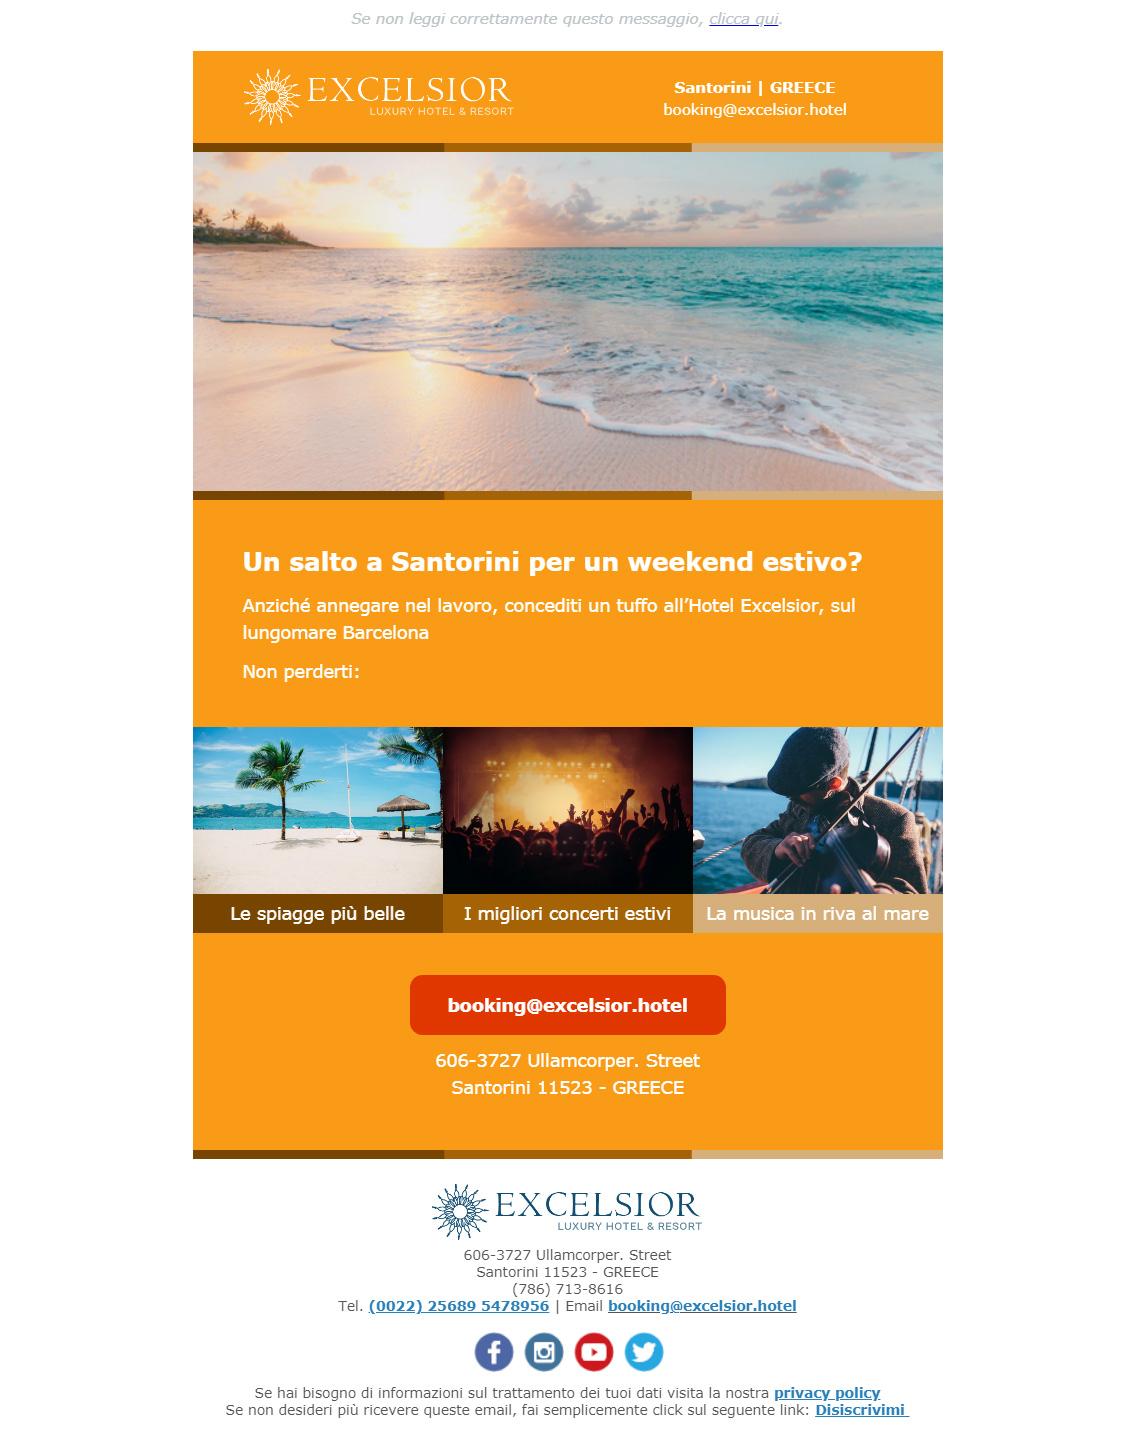 Esempio newsletter hotel: Mostra/Punta sulle attrazioni del luogo con i contenuti visual